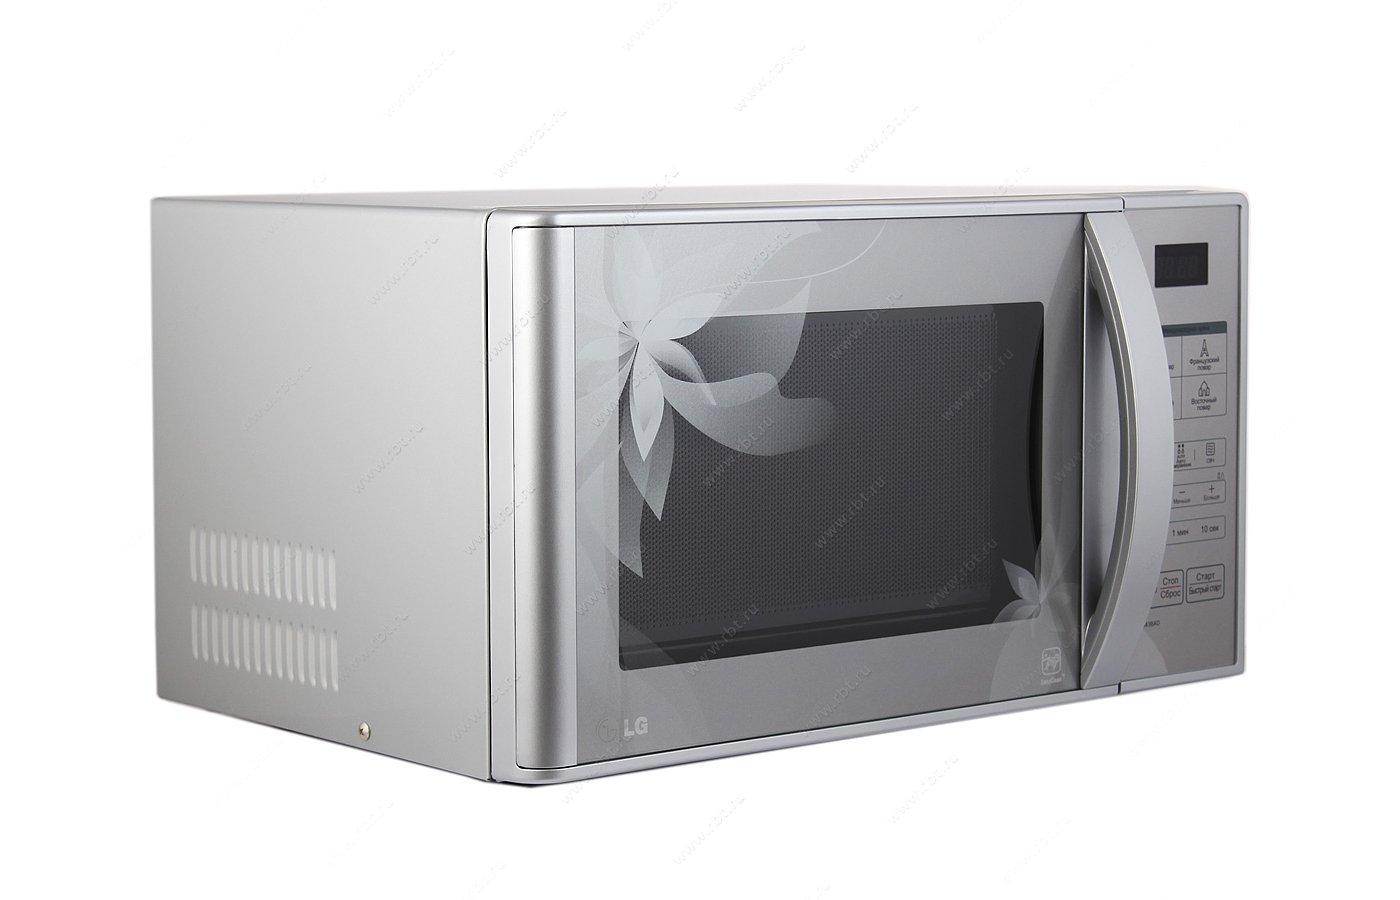 Микроволновая печь LG MS 2343BAD